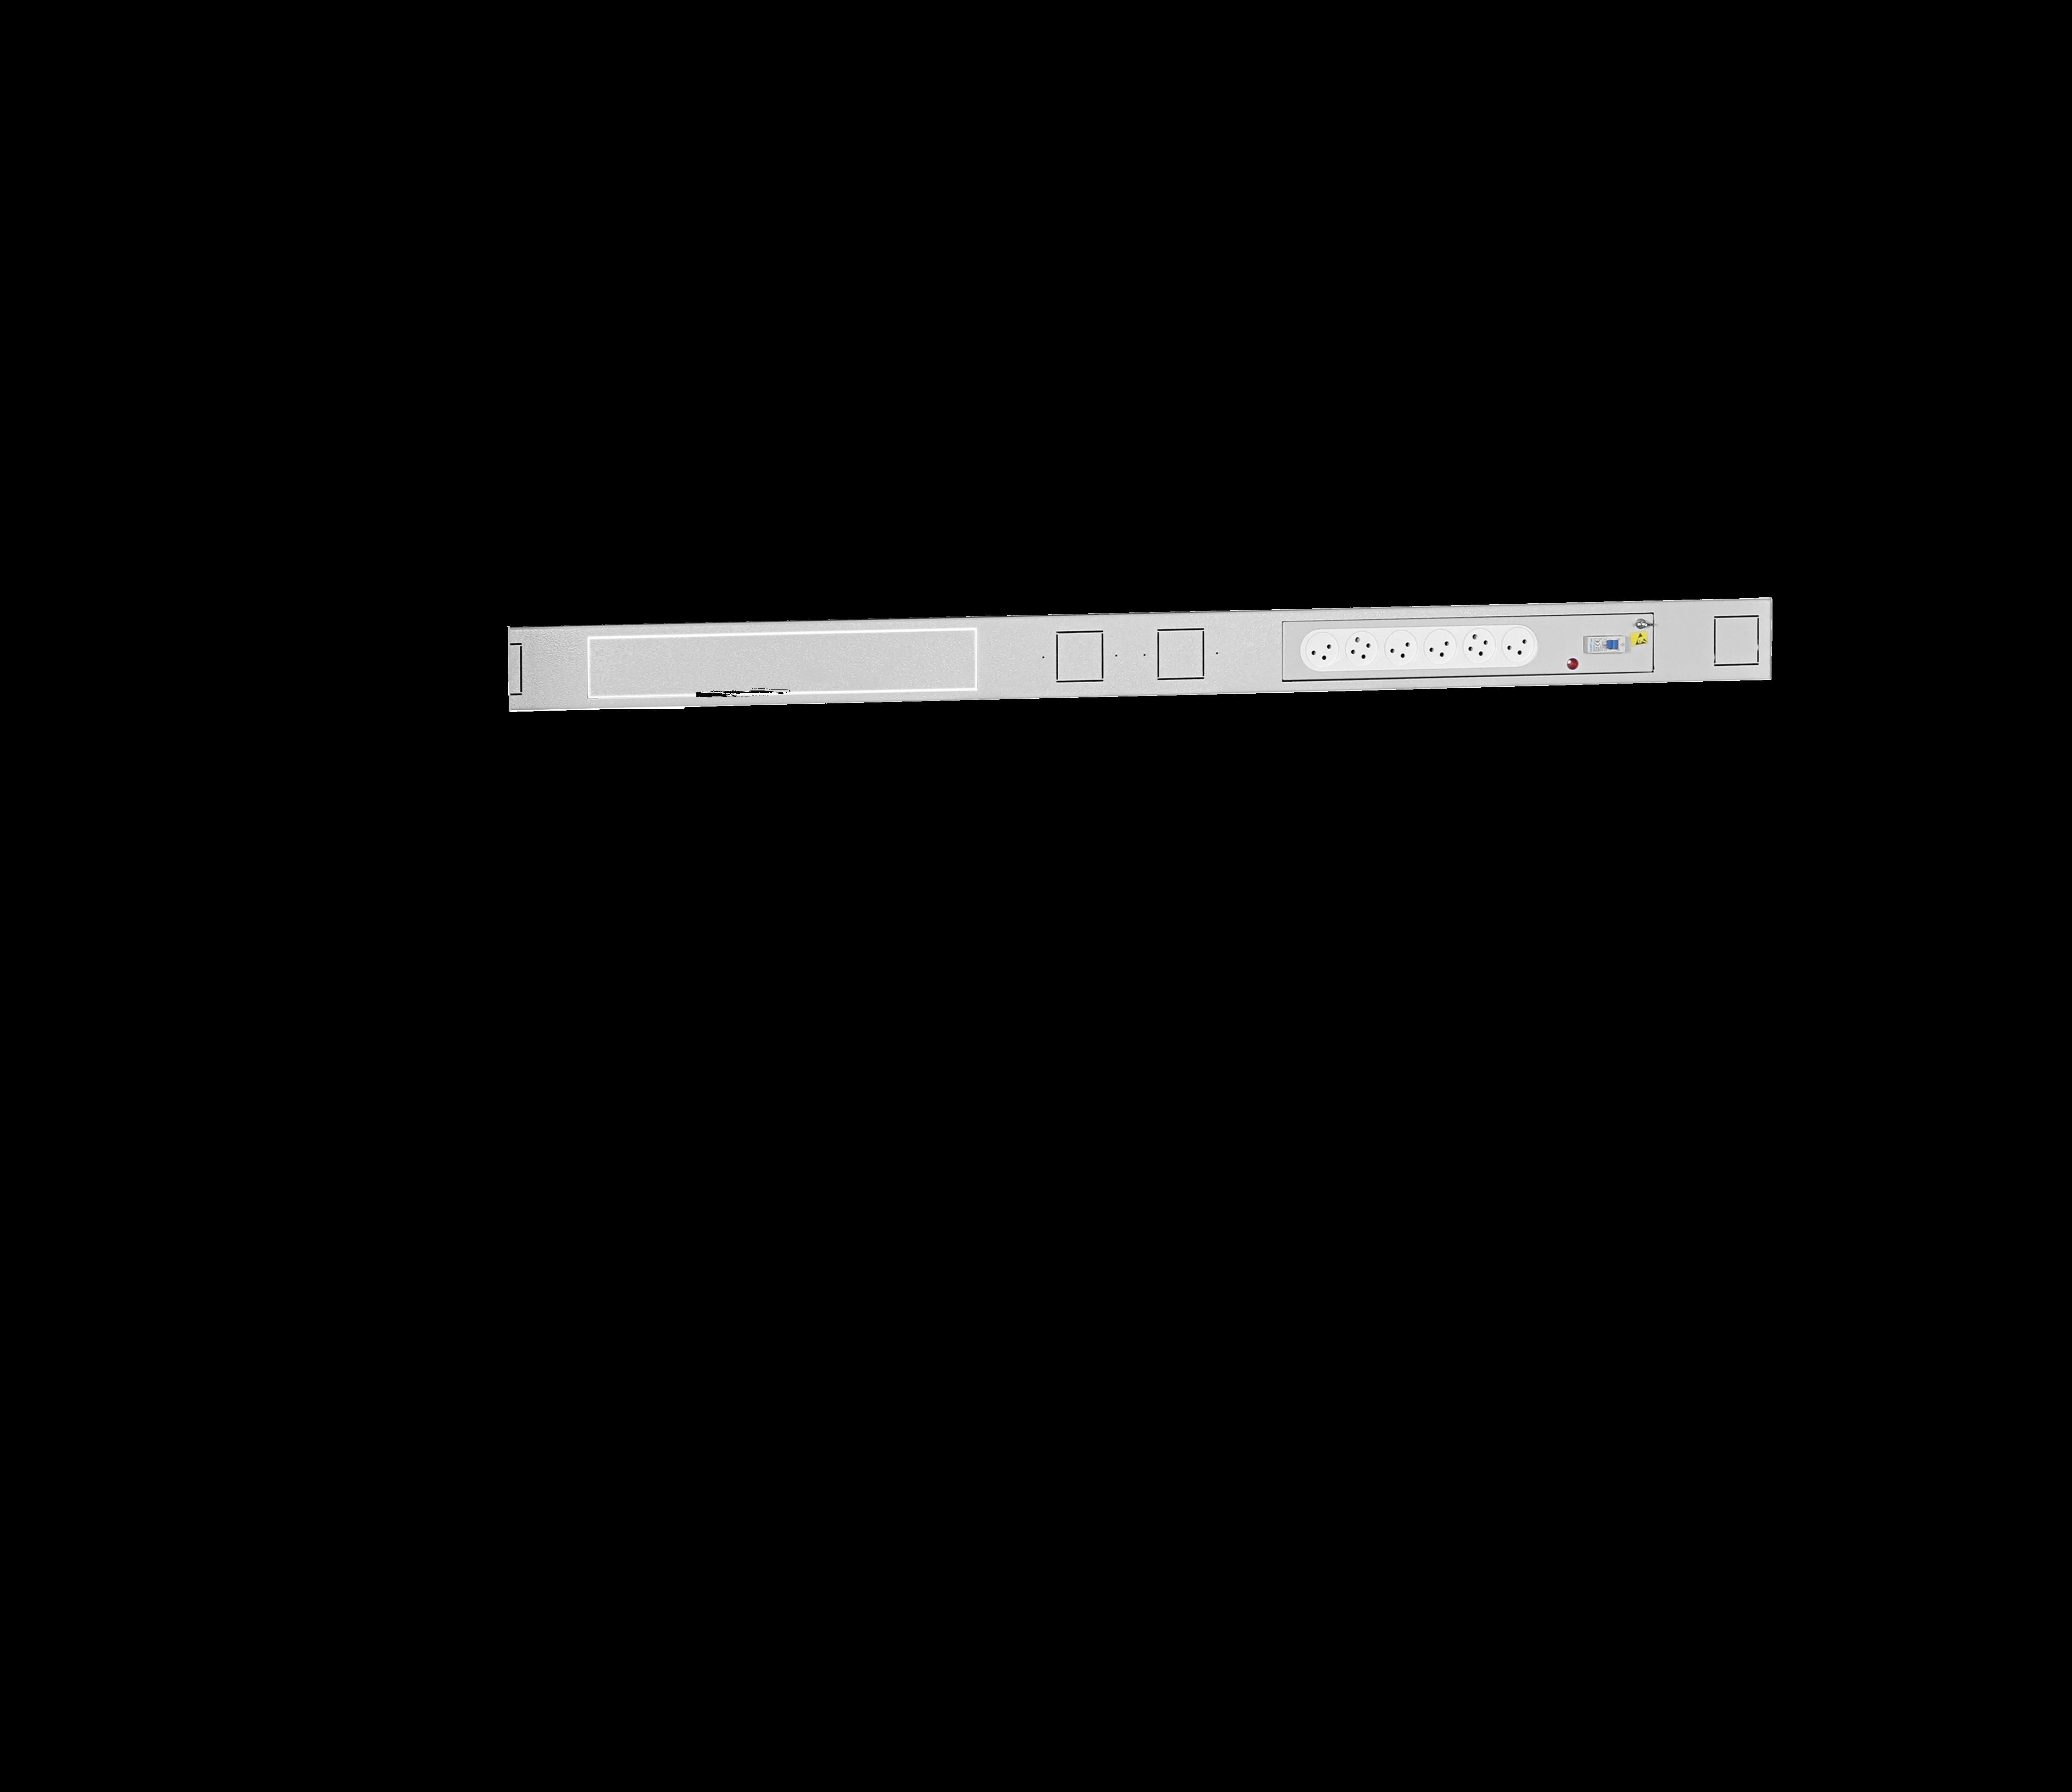 תושבת שקעים + 6 שקעי חשמל מצד ימין